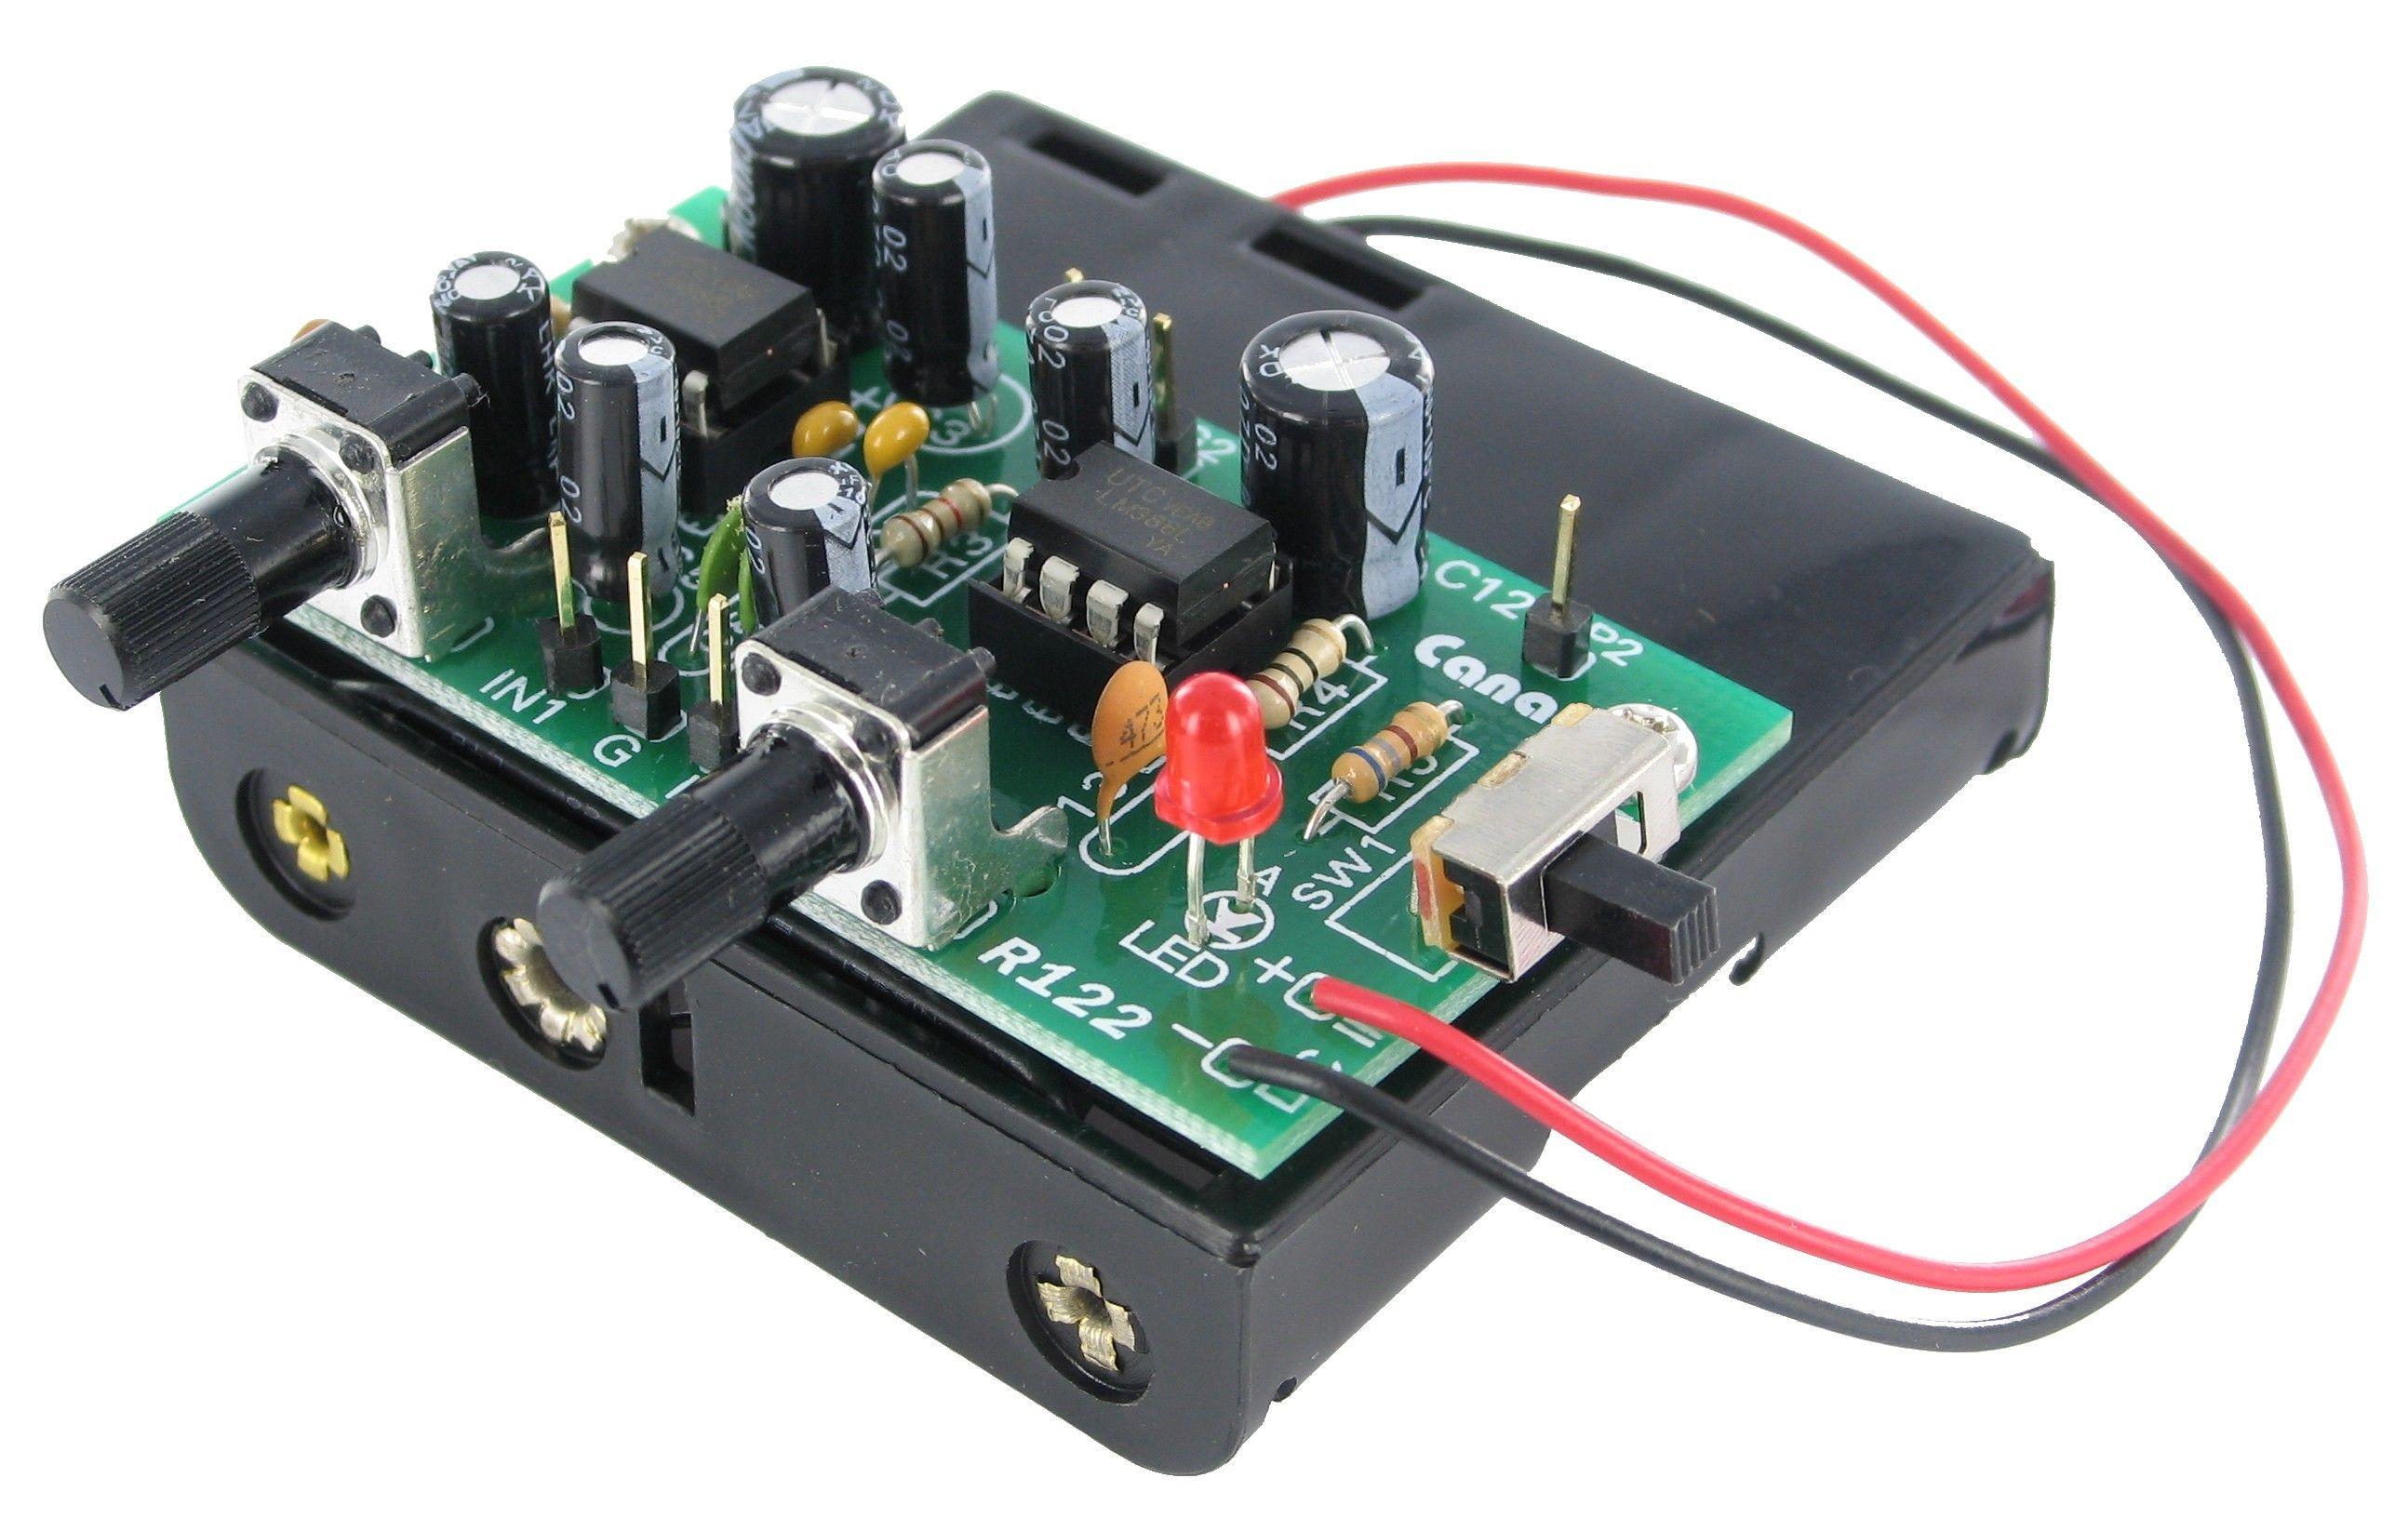 Circuito Integrado : Circuito integrado amplificador lm